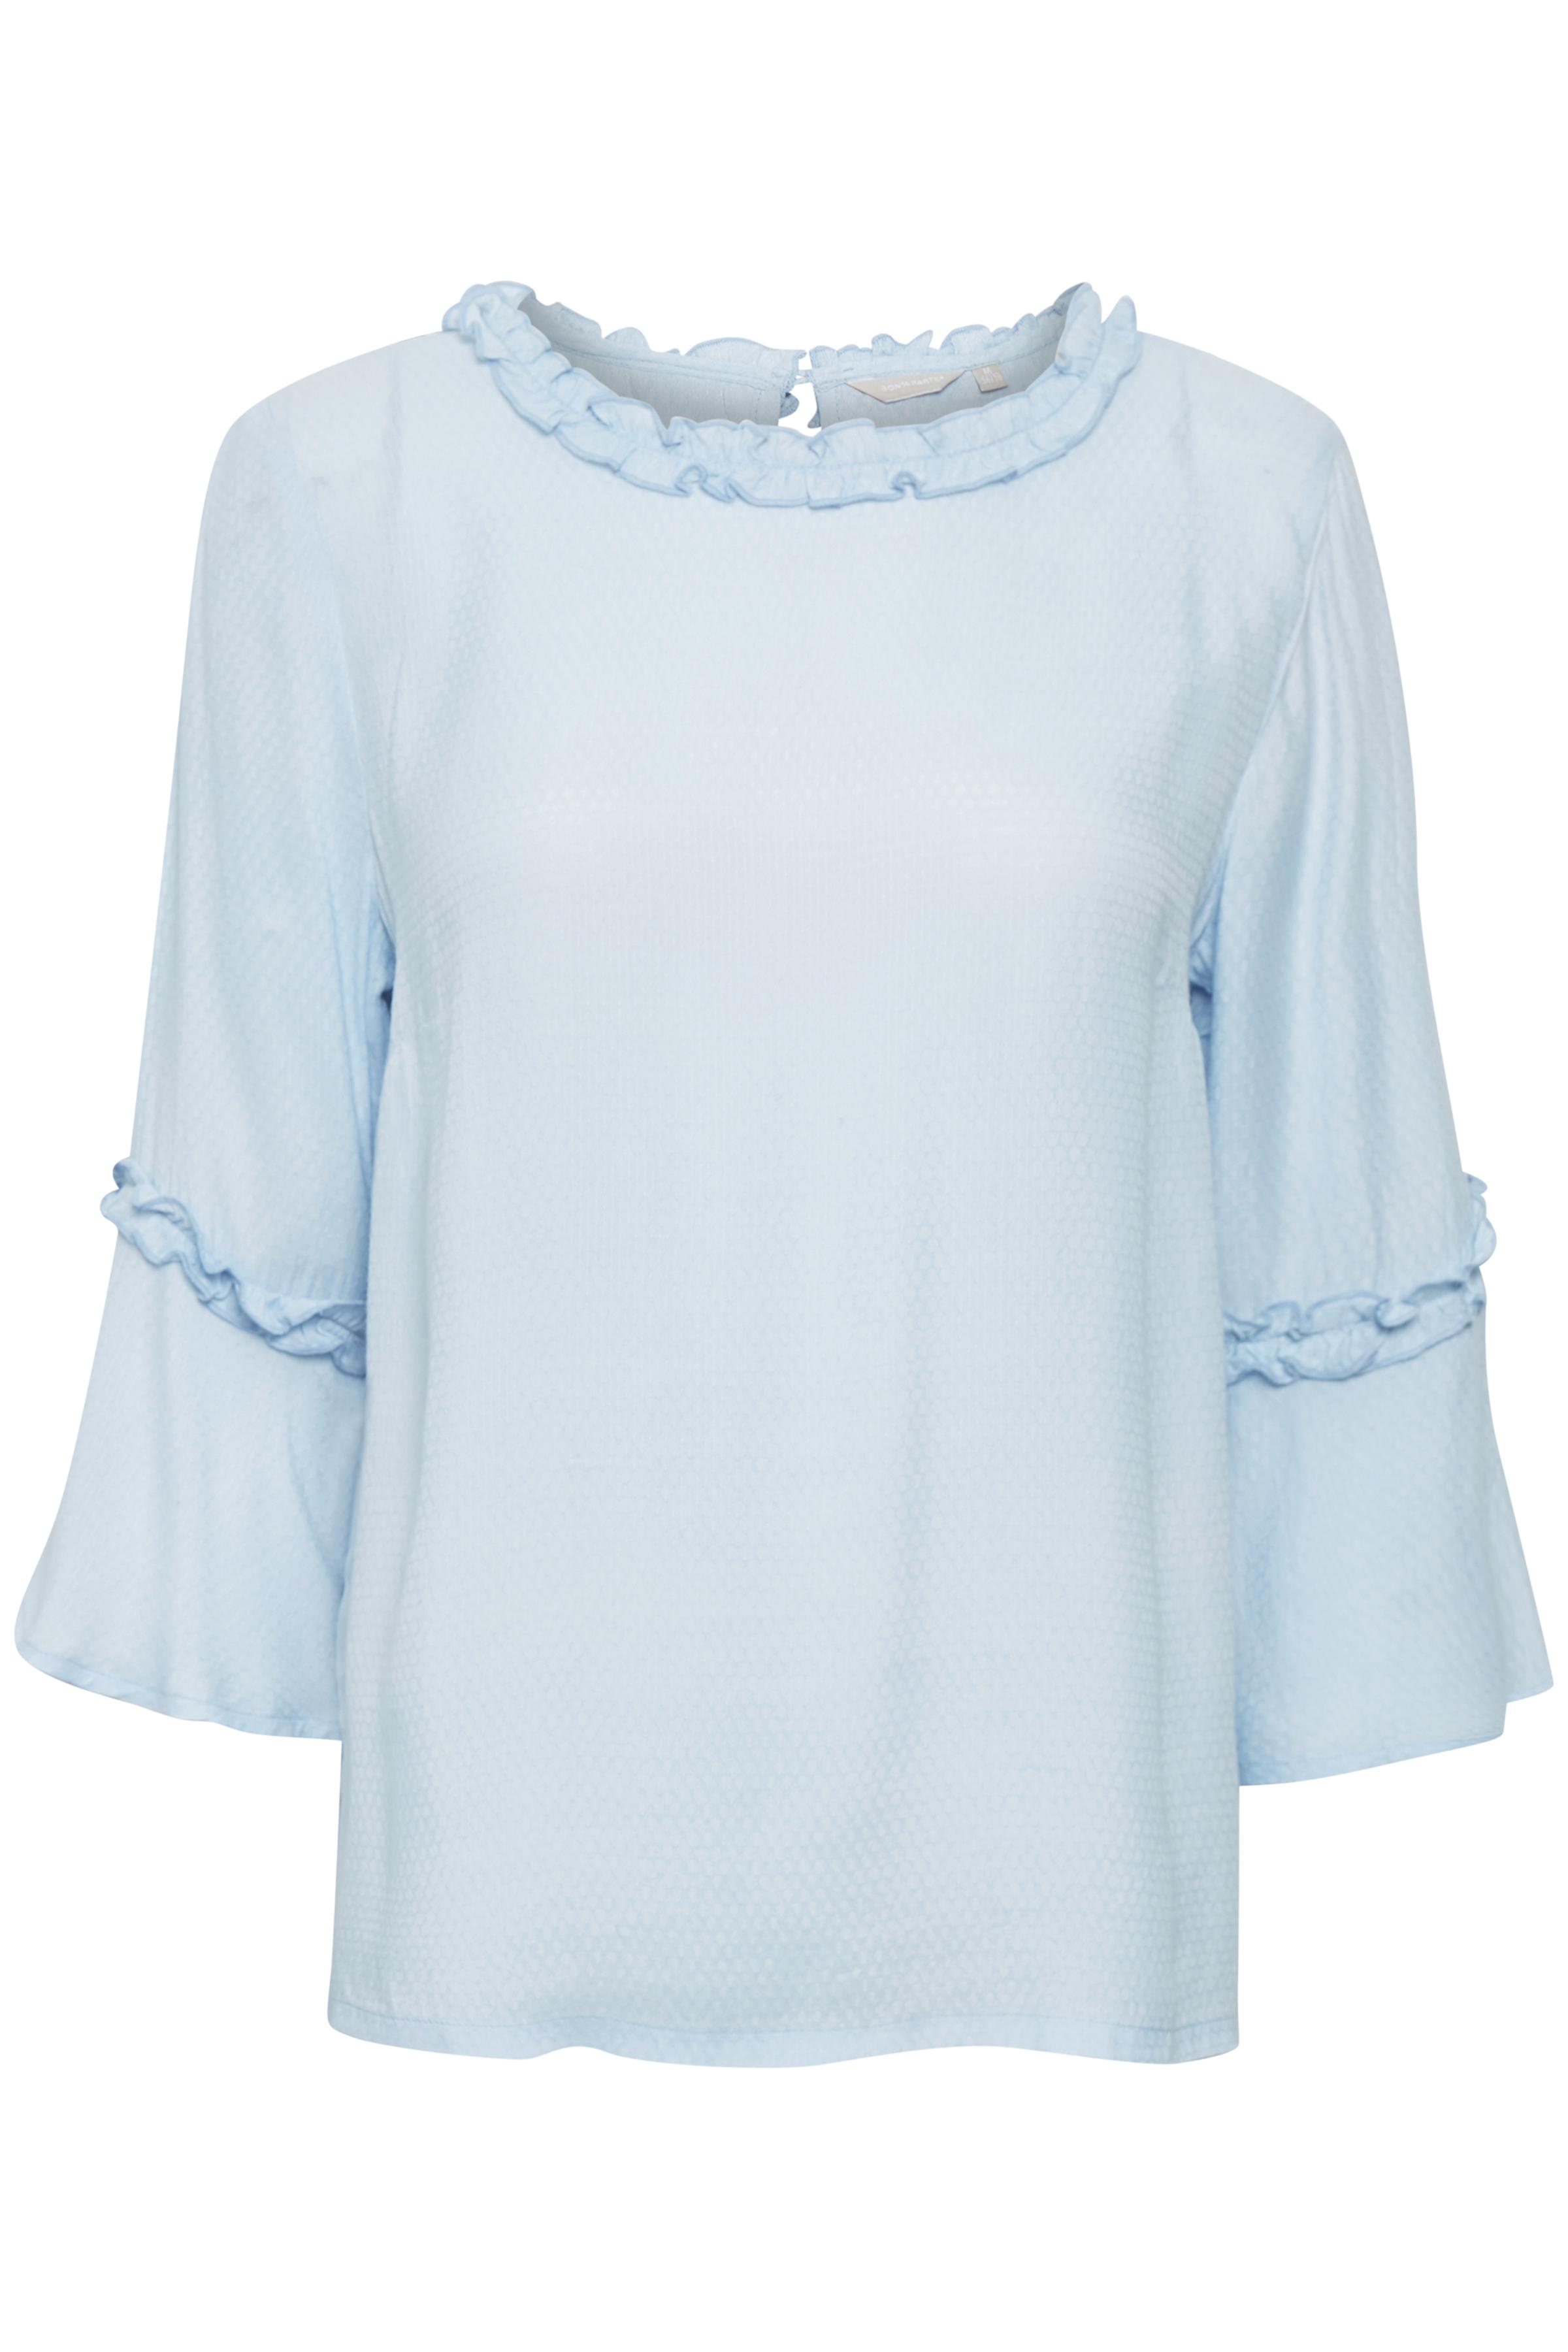 Lyseblå Bluse fra Bon'A Parte – Køb Lyseblå Bluse fra str. S-2XL her